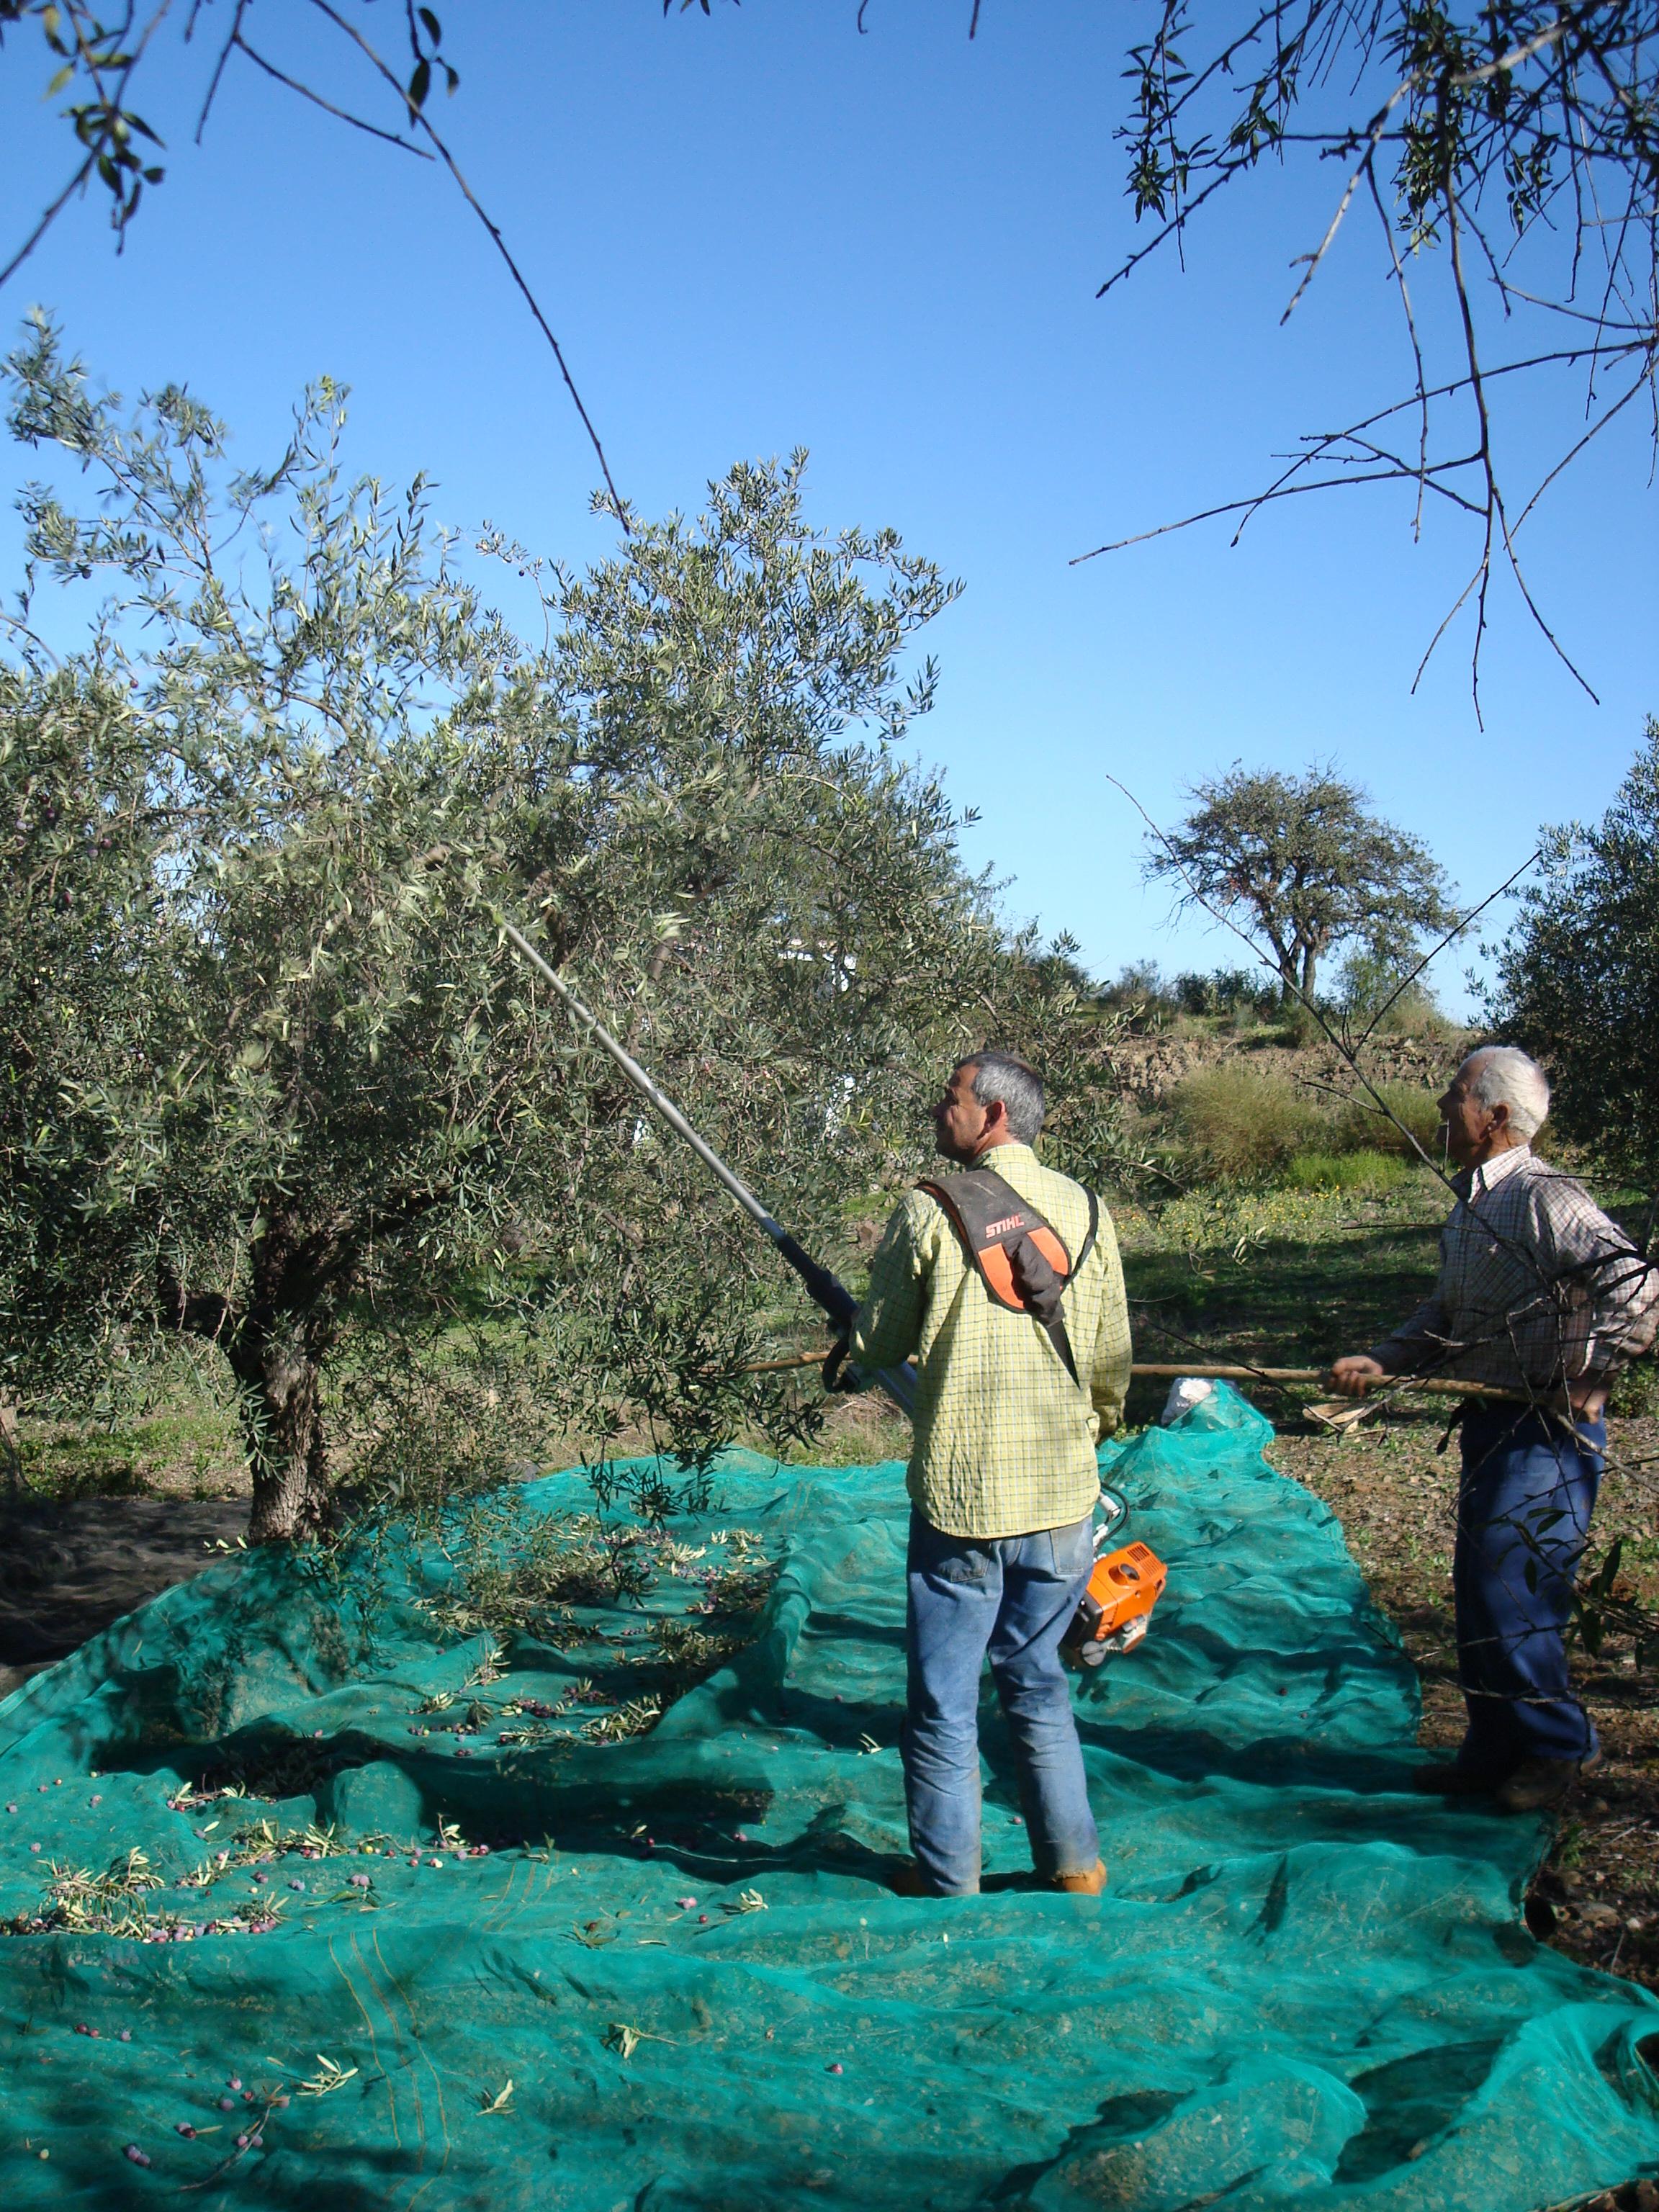 Harvesting olives in Guaro Viejo, November ww.andrewforbes.com